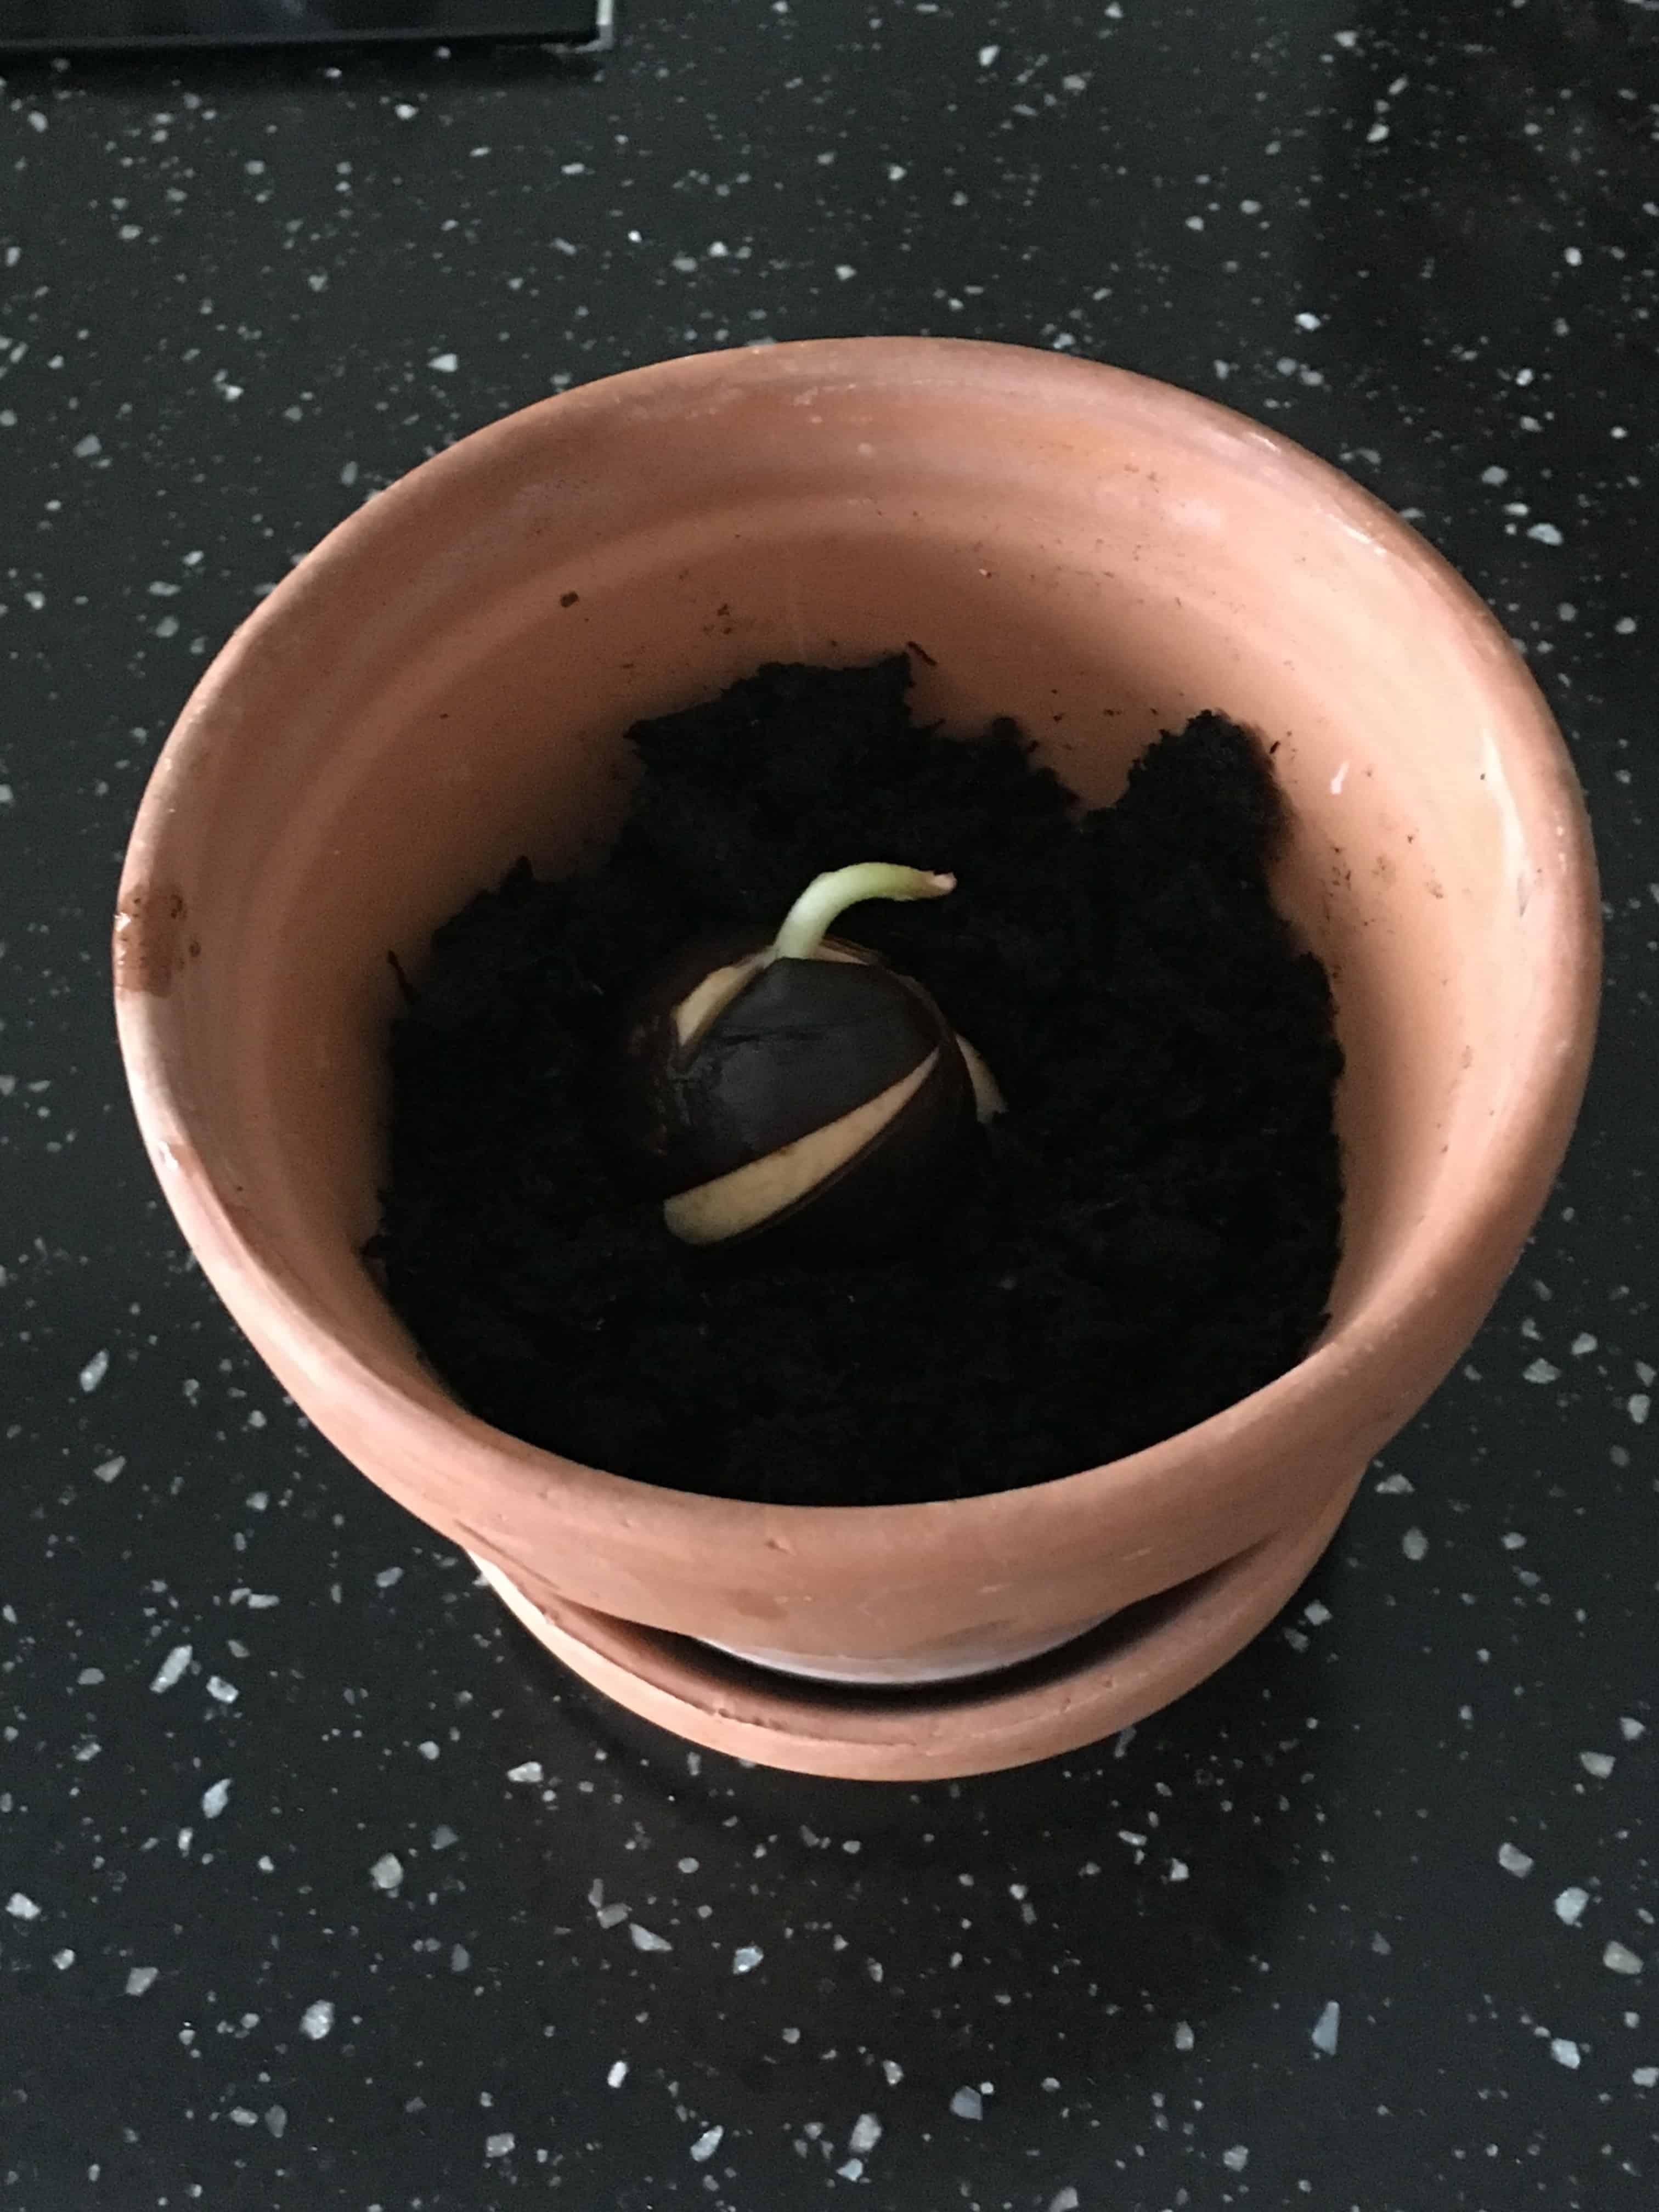 Så blev det tid til at at plante den spirende avocado sten i en potte